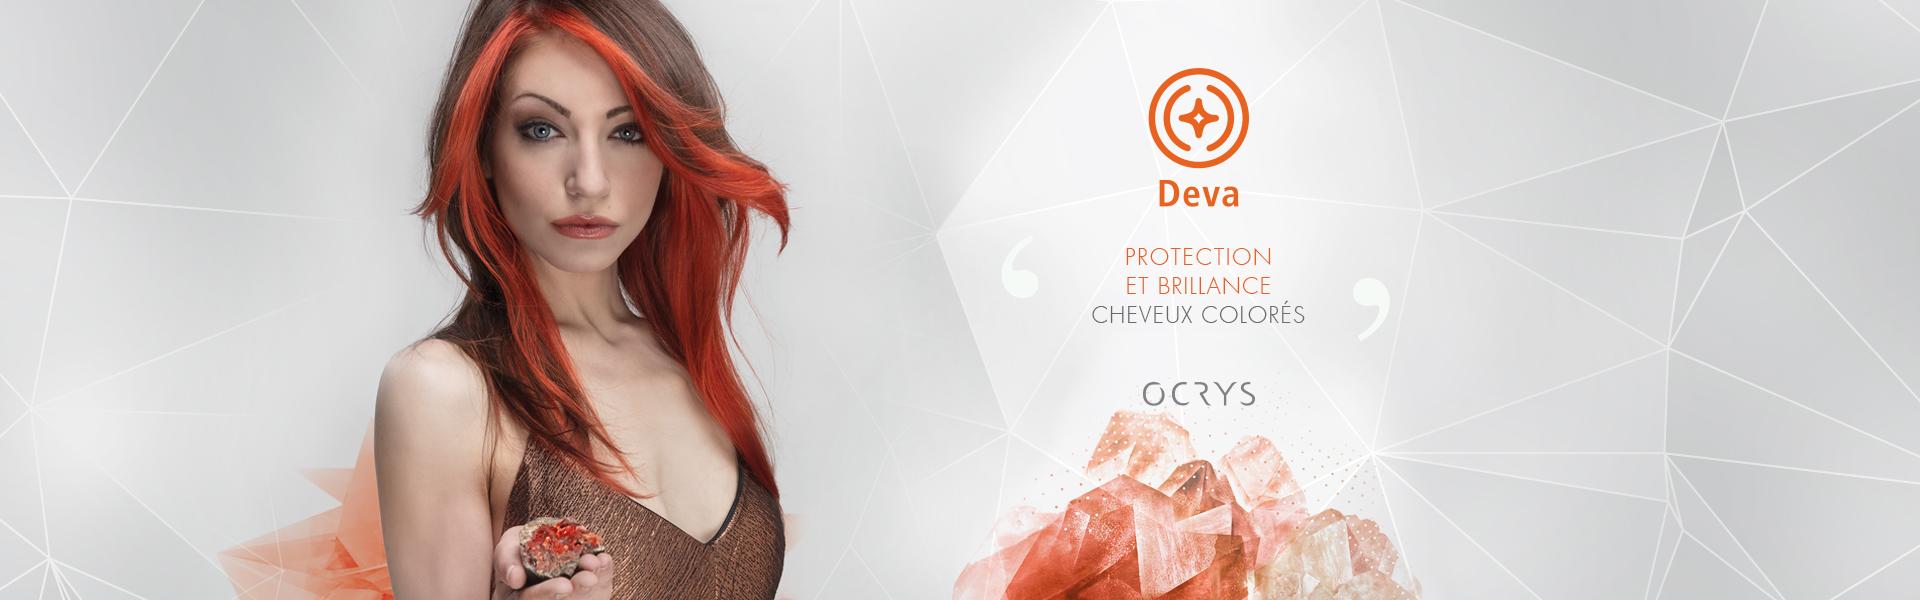 banner_centrali_DEVA_FR